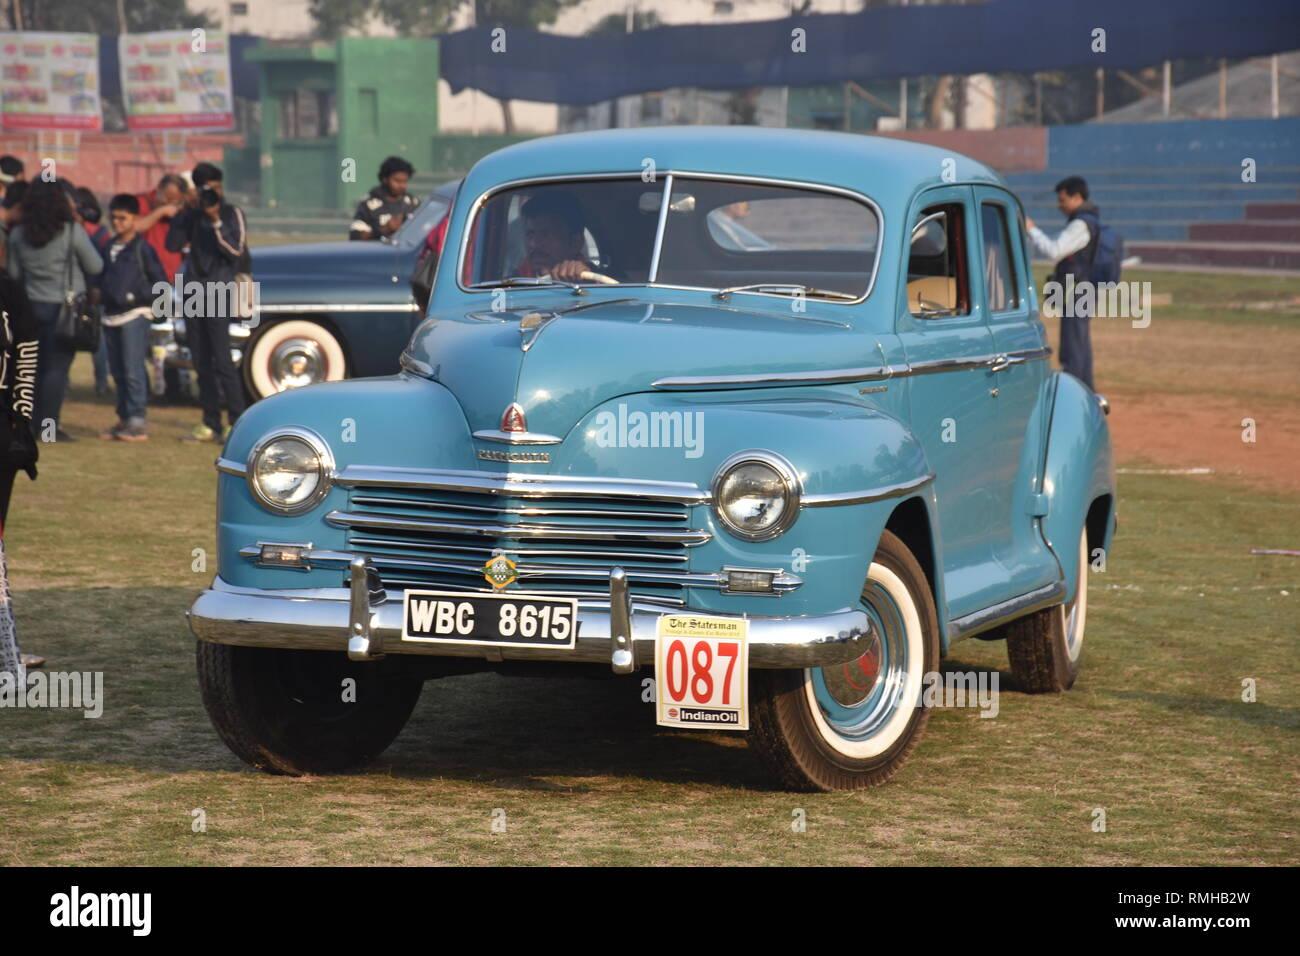 1948 Plymouth Car Wwwtollebildcom